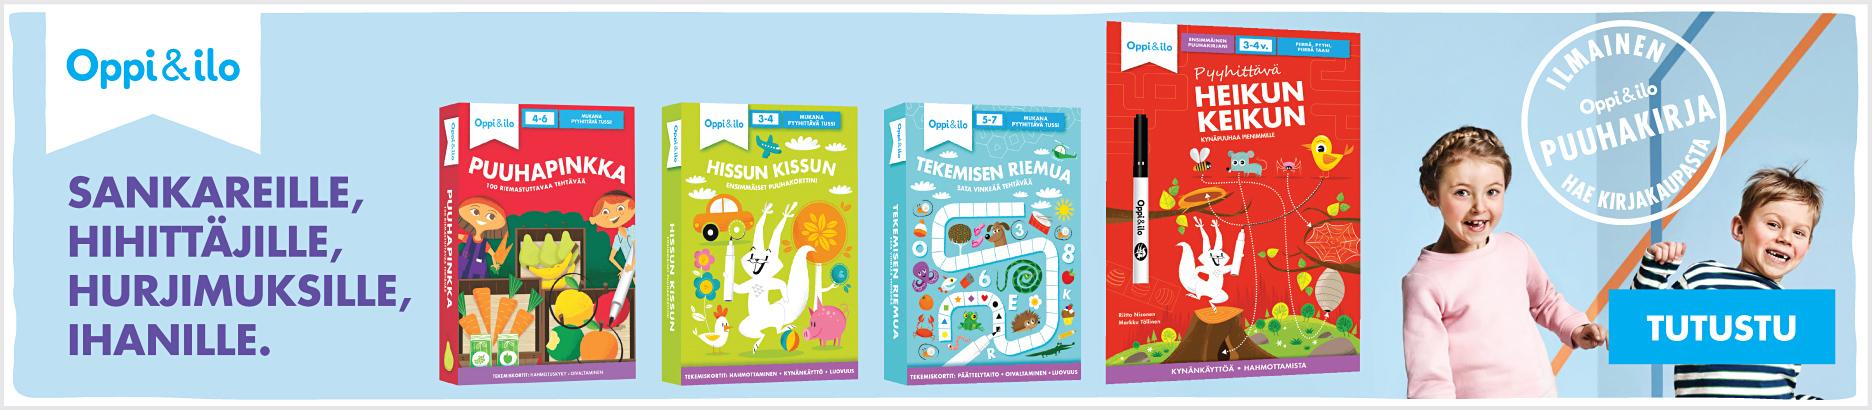 Hae kirjakaupasta ilmainen Oppi&ilo-näytepuuhakirja!